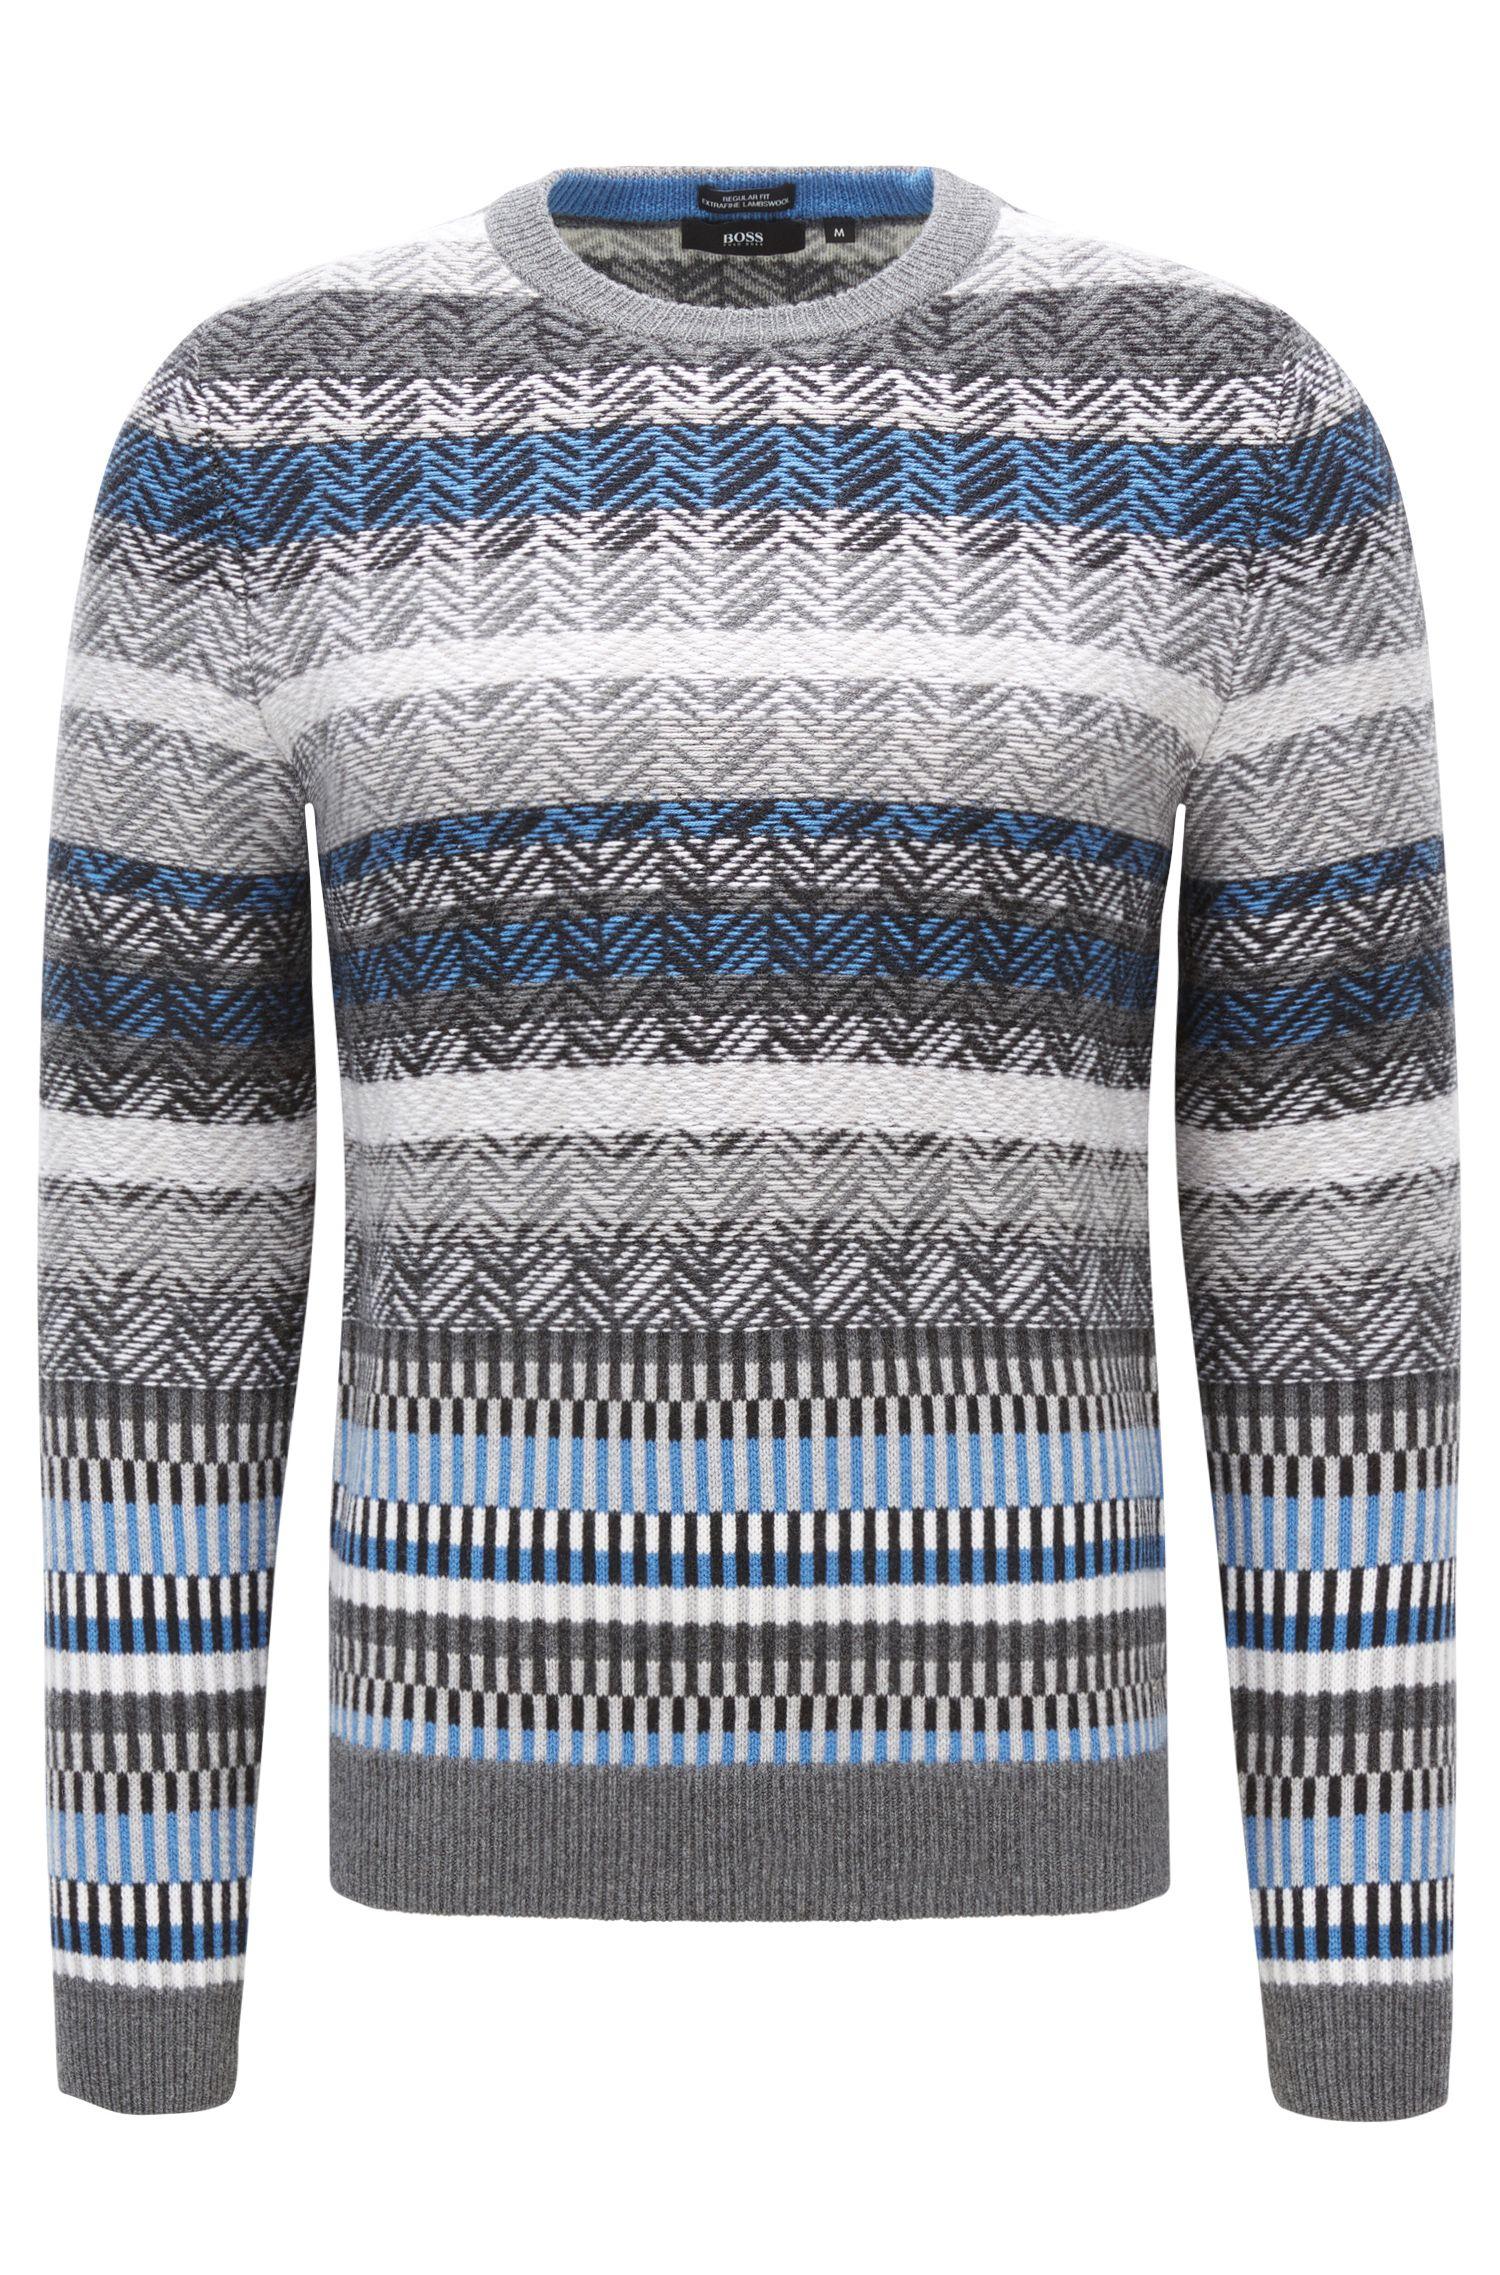 Moderno maglione Fair Isle in lana vergine con lavorazione jacquard